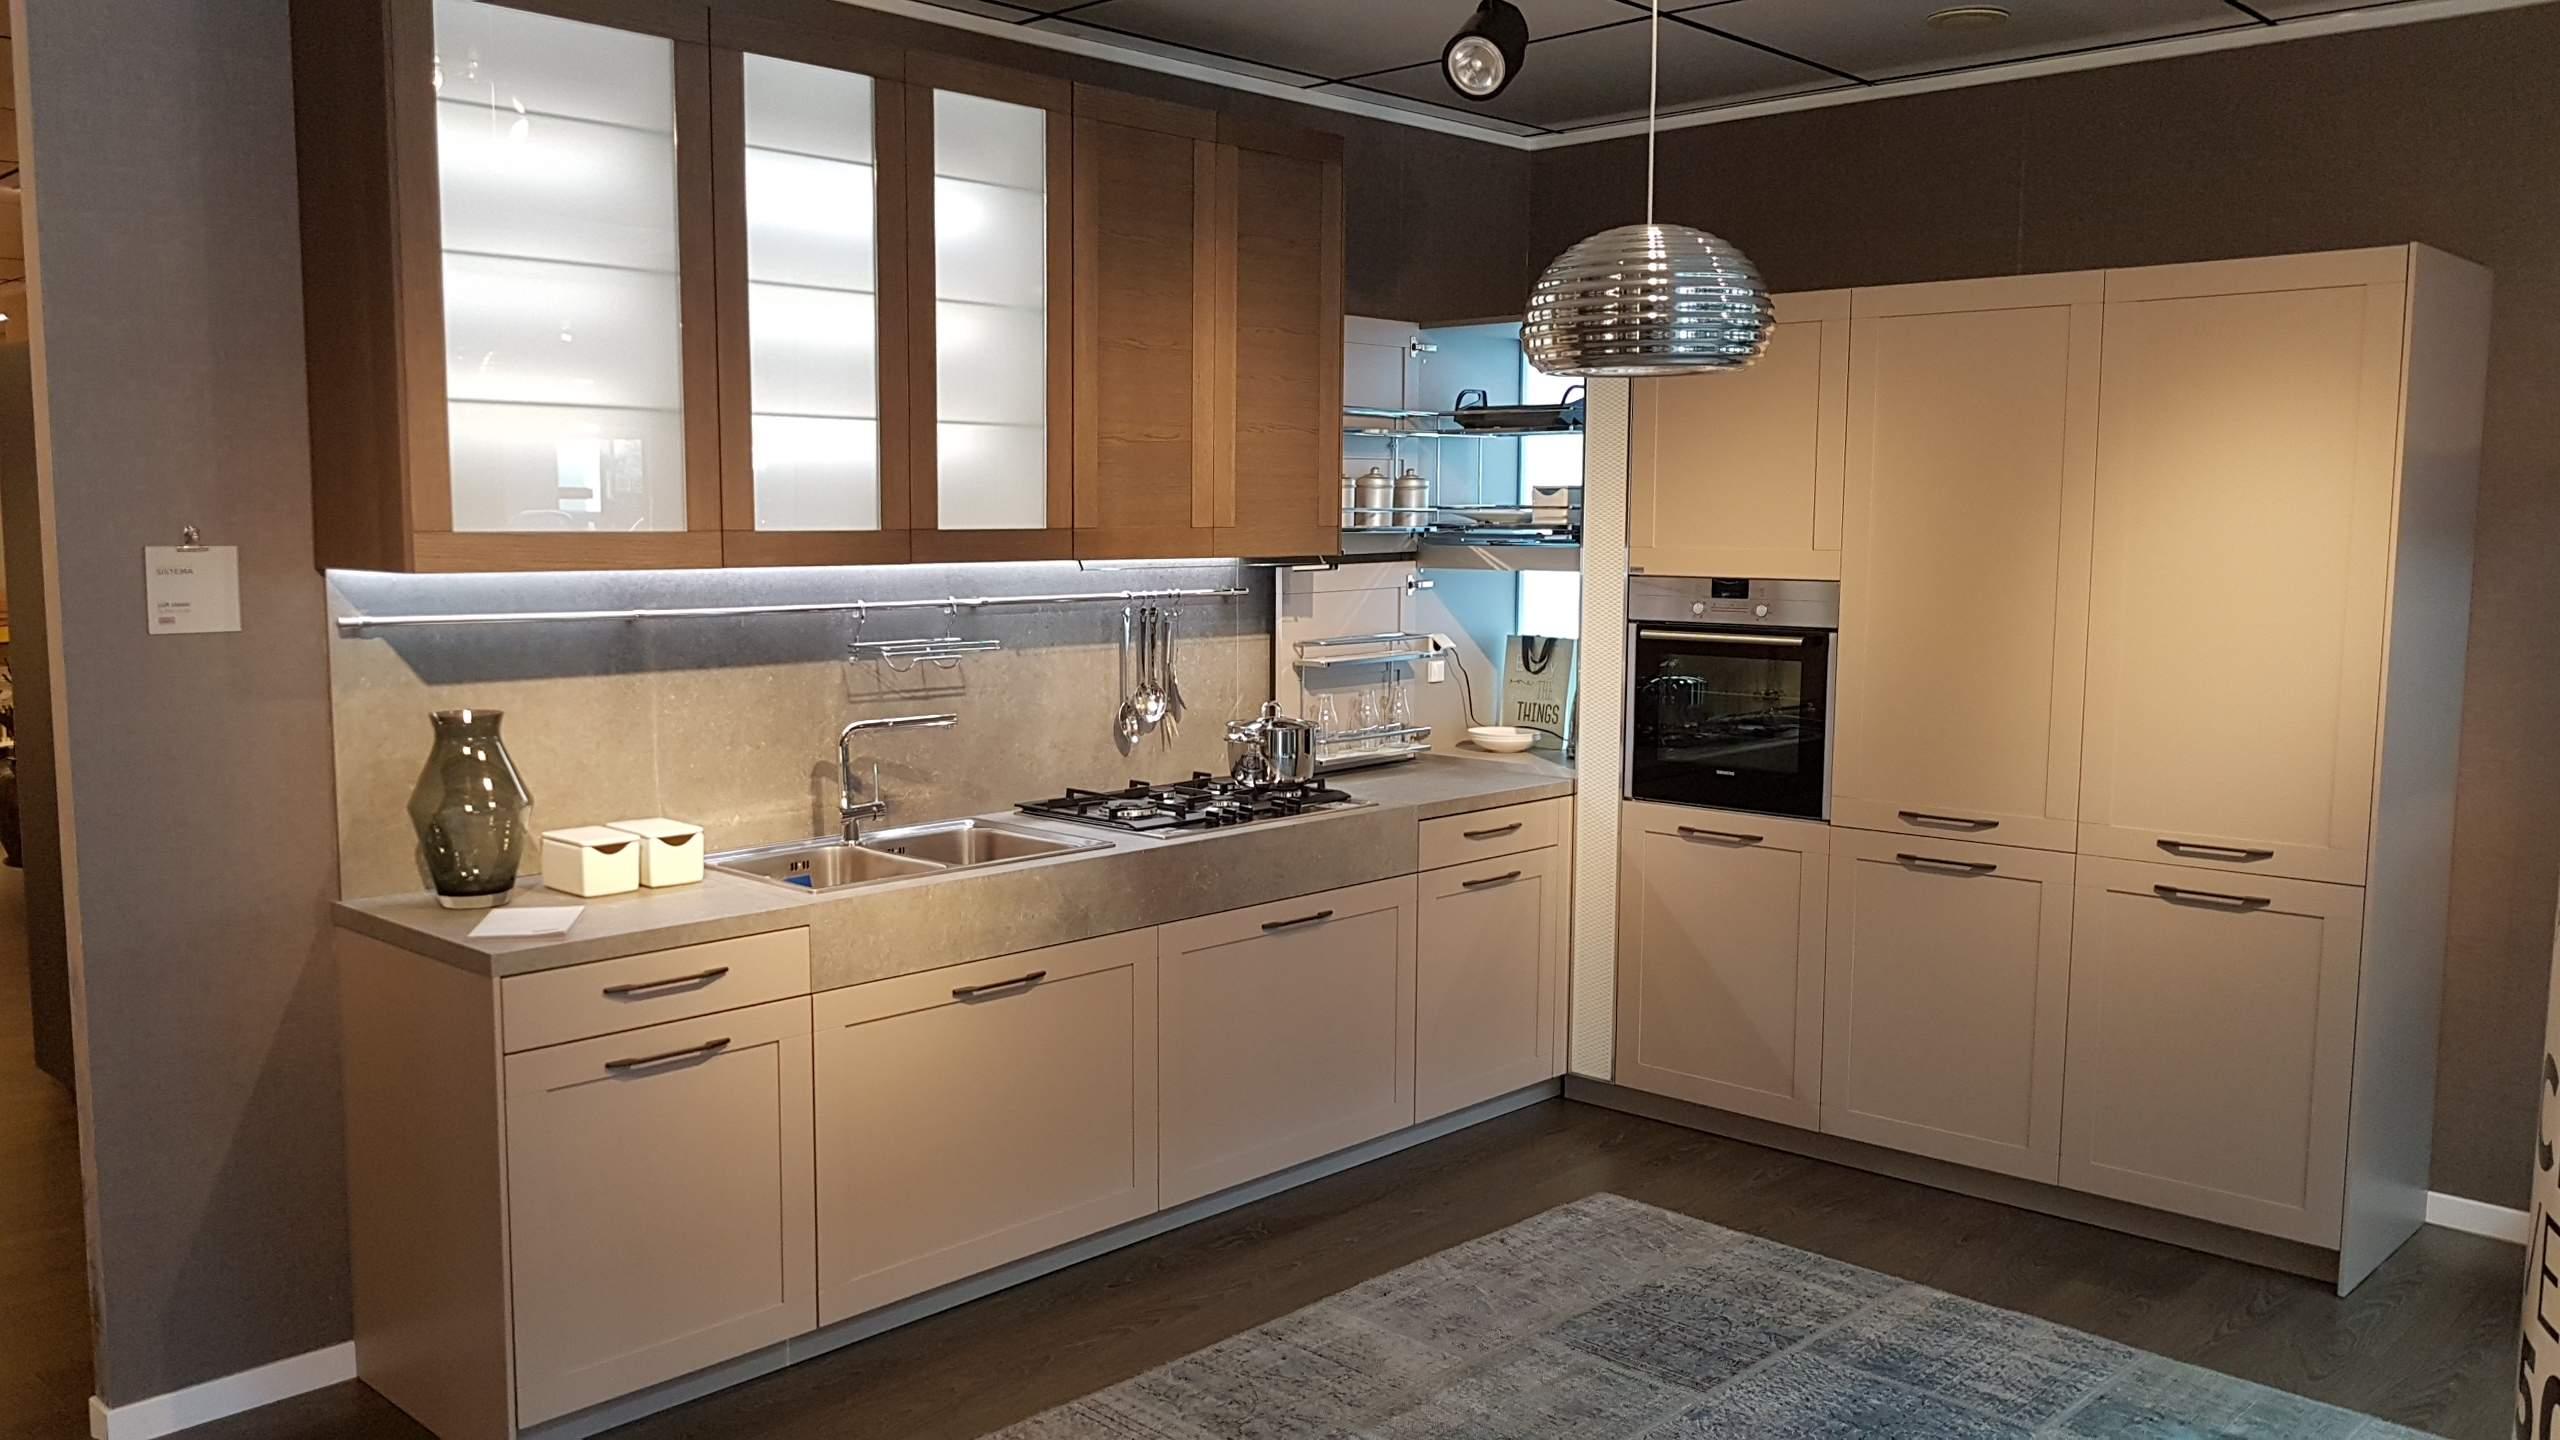 Cucina Snaidero modello Lux  Cecchini Arreda